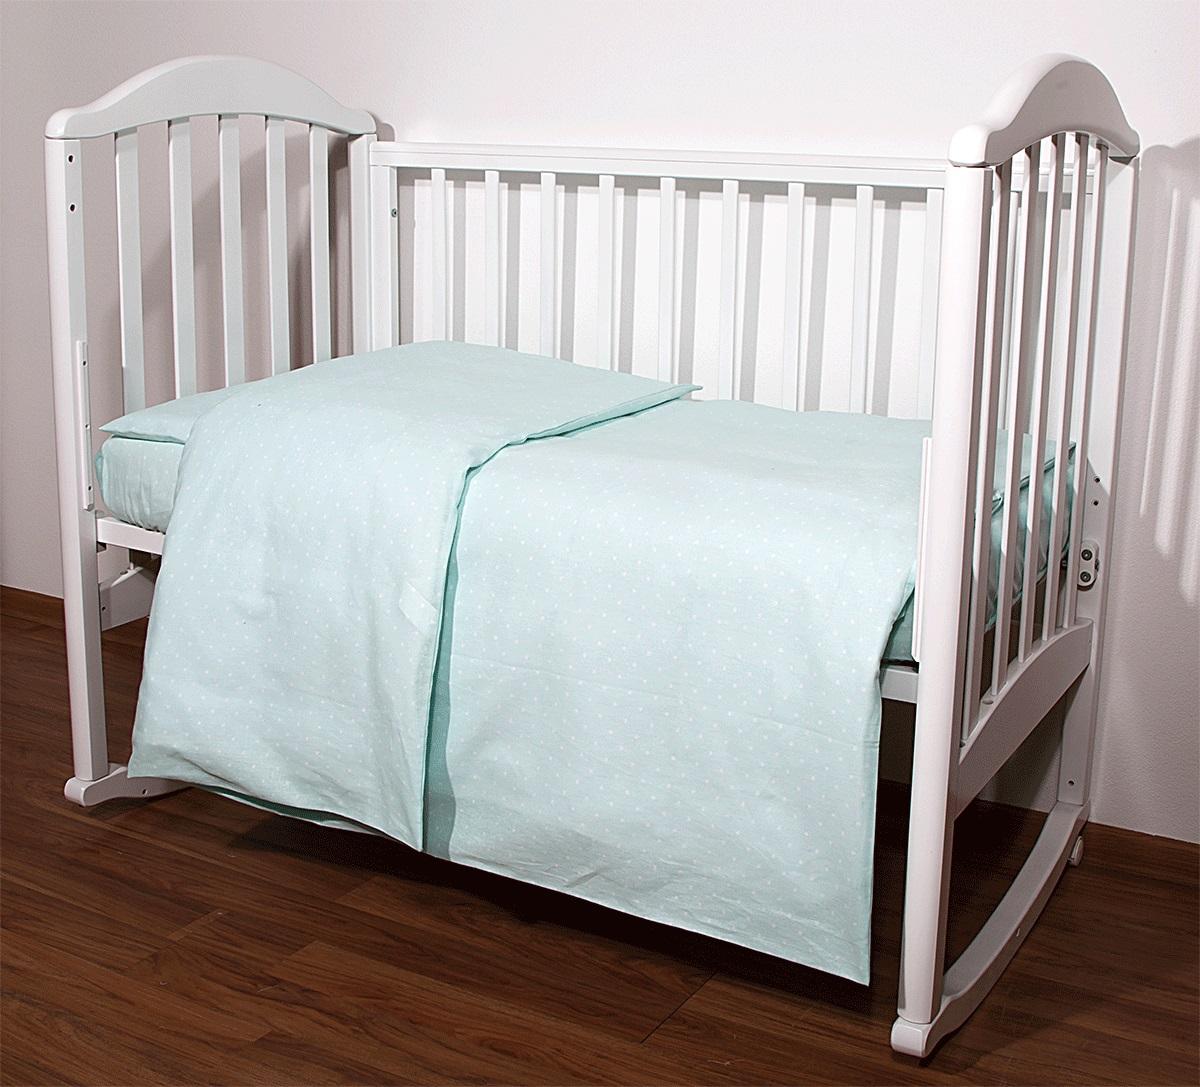 Baby Nice Комплект белья для новорожденных Горох цвет светло-зеленый112825Постельное бельё, сшито из качественной бязи импортного производства.Бельё не деформируется, цвет не выстирывается.наволочка 40х60, пододеяльник 112х147,простынь 60х120